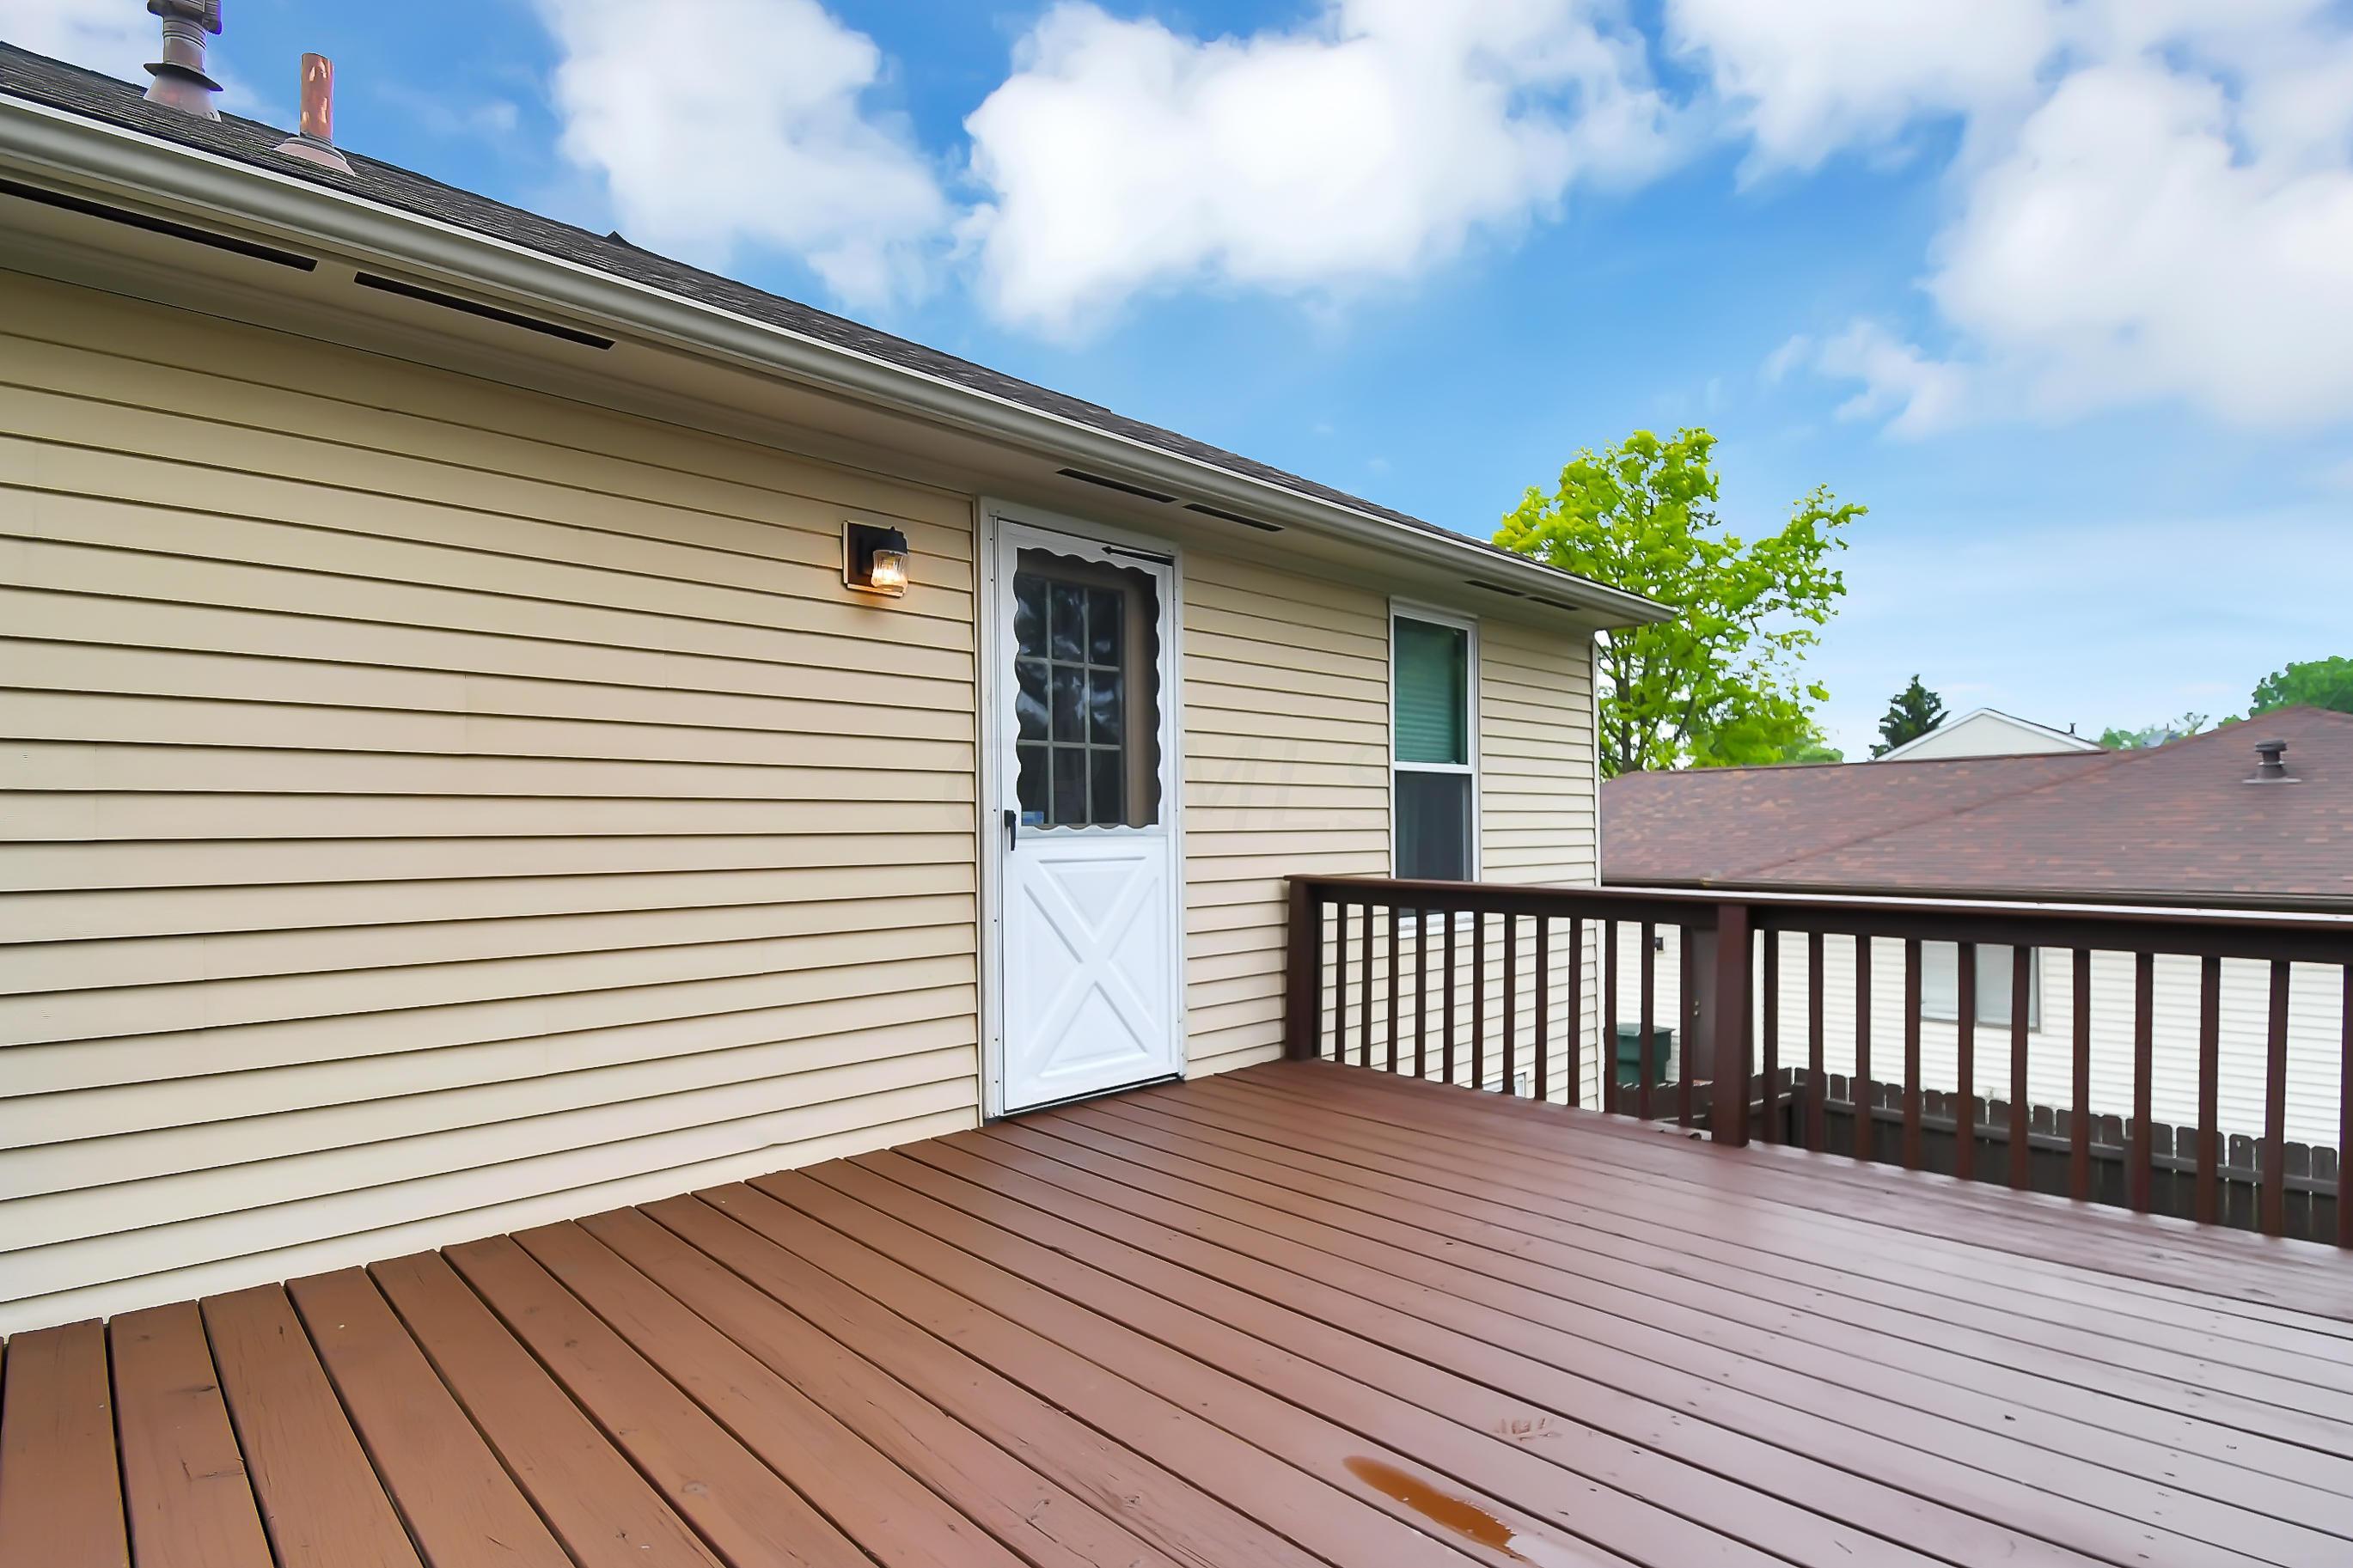 Large Deck Overlooking Backyard